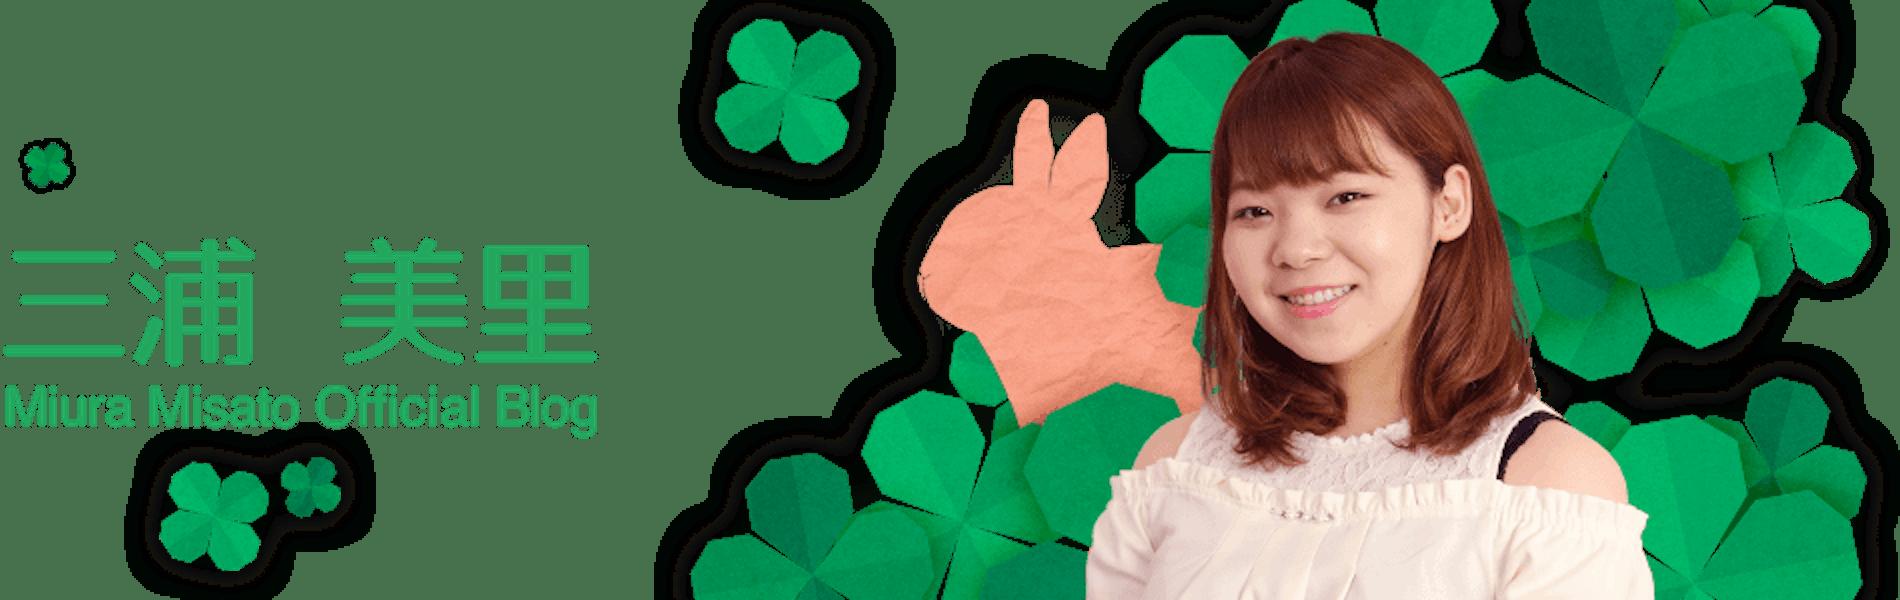 三浦美里 オフィシャルブログ